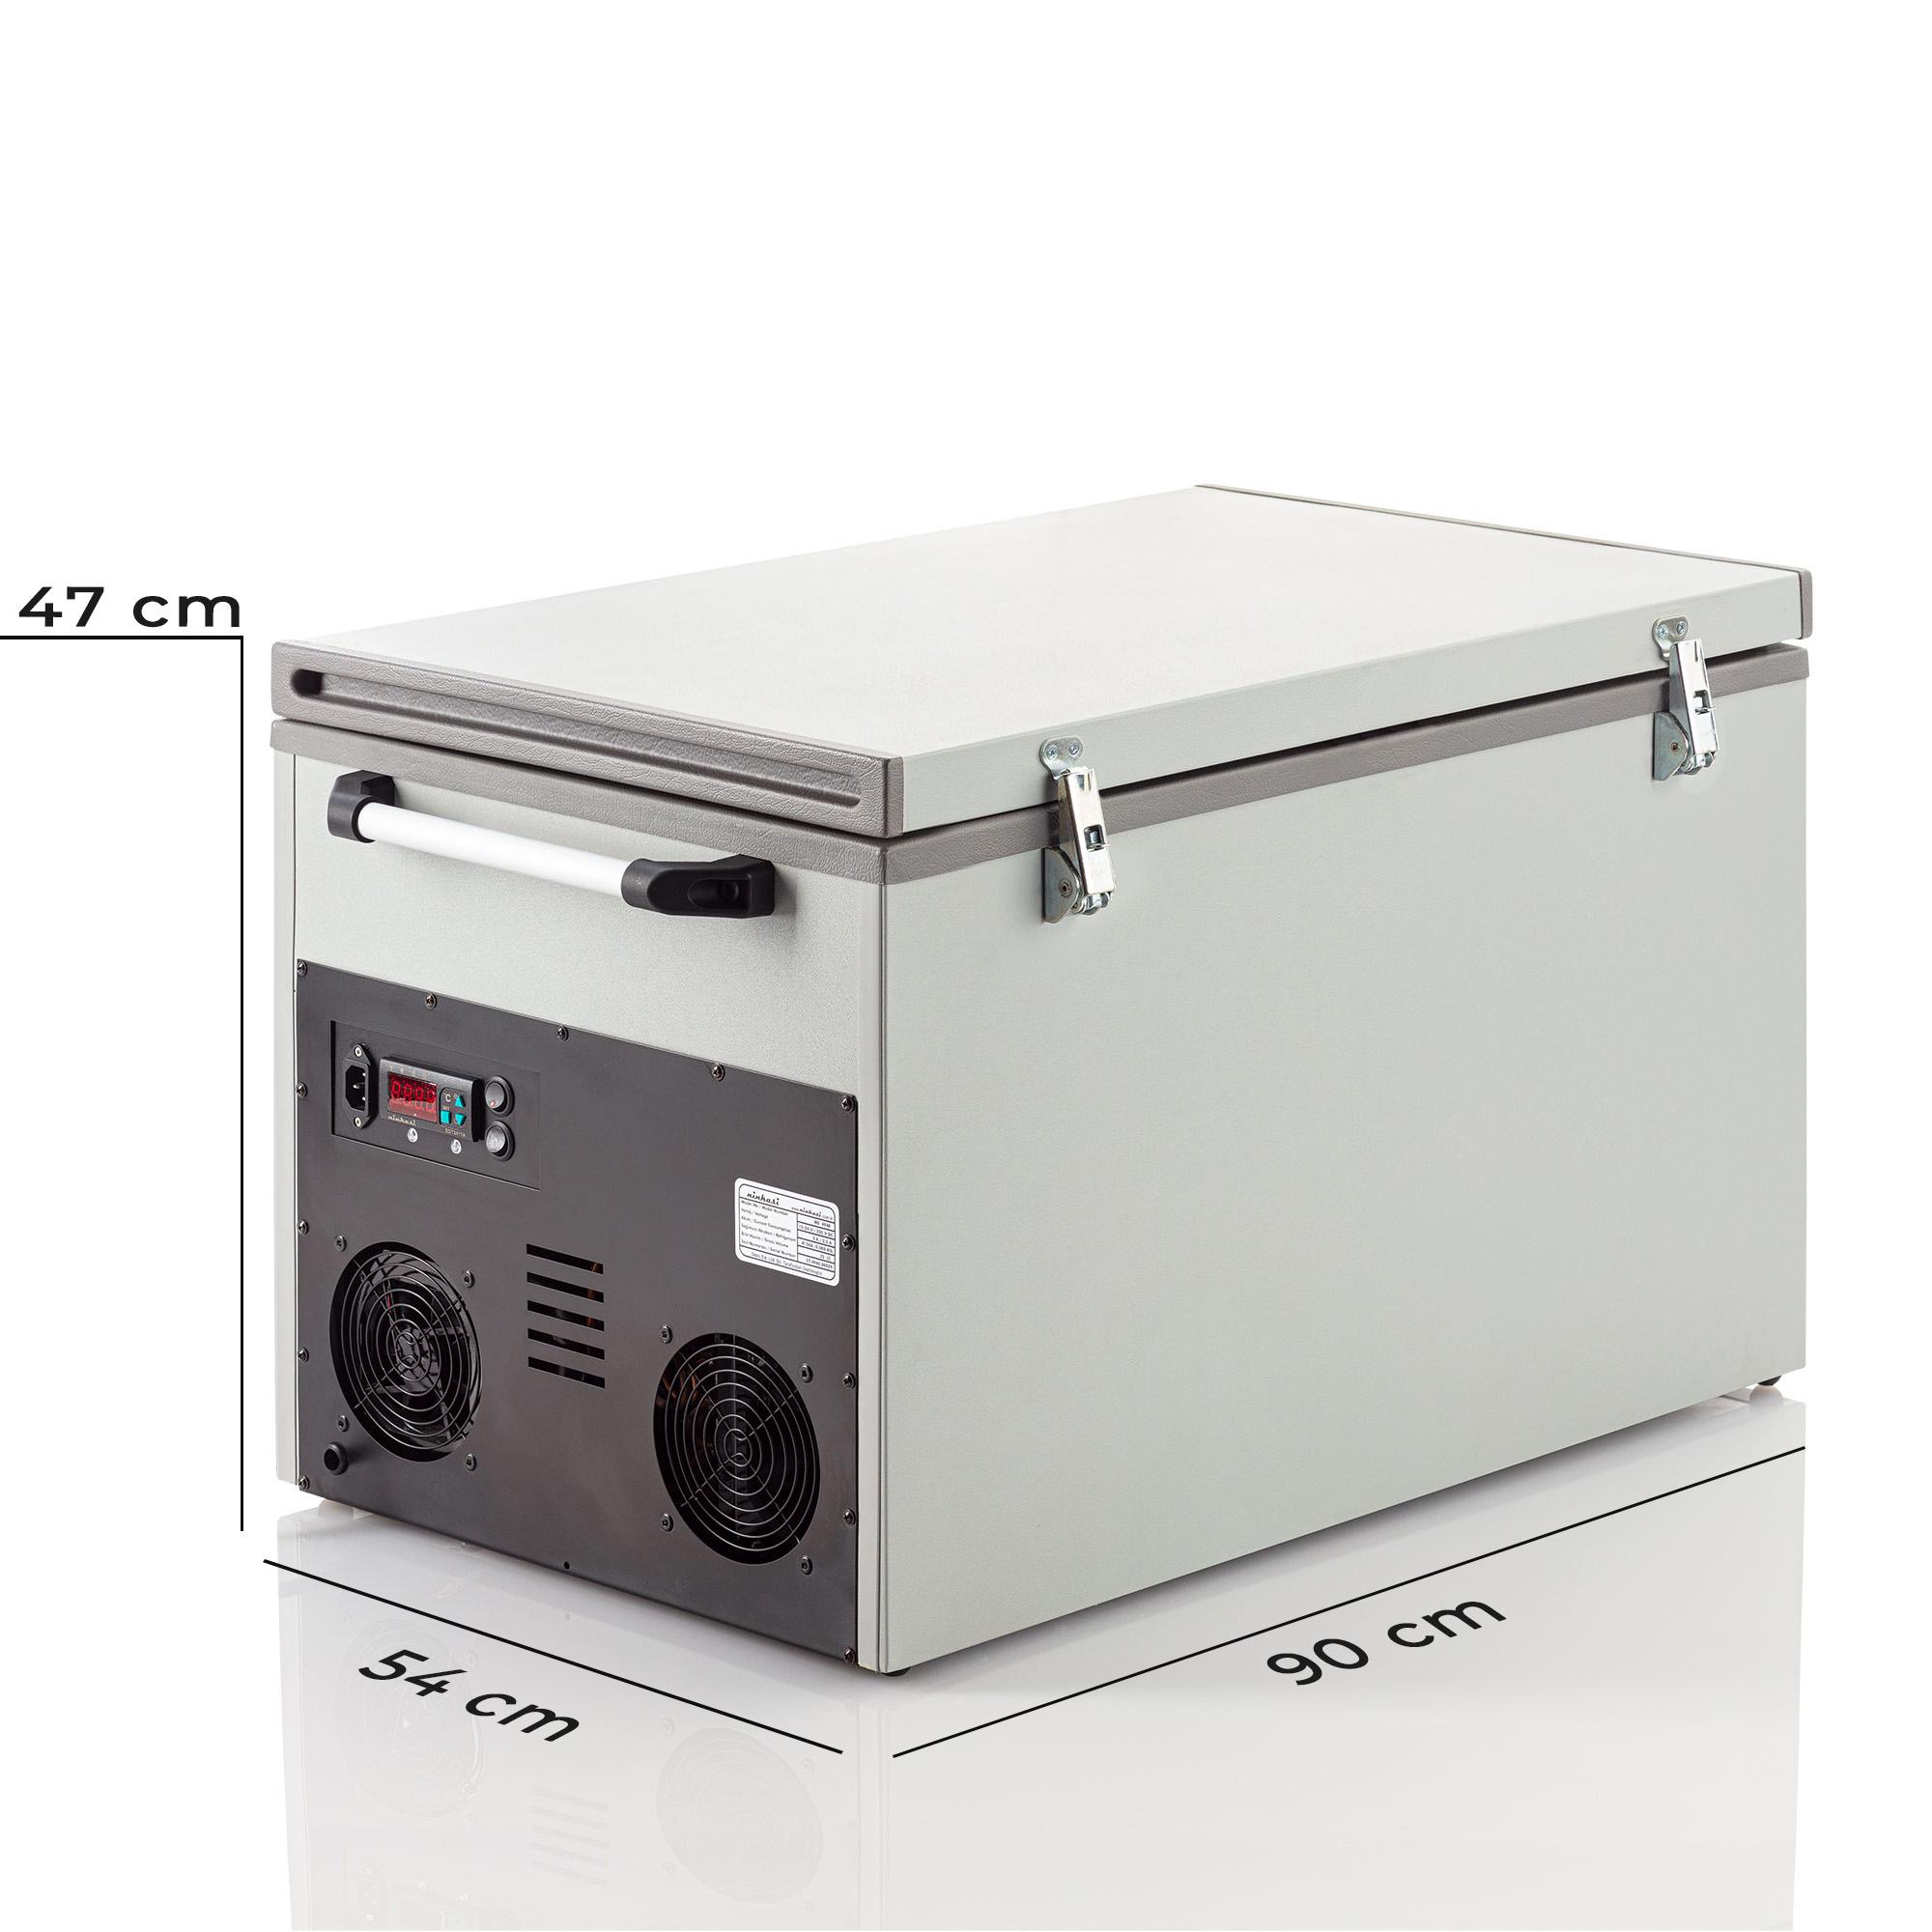 MEC 4940 / 72 LT Soğutucu Araç Buzdolabı